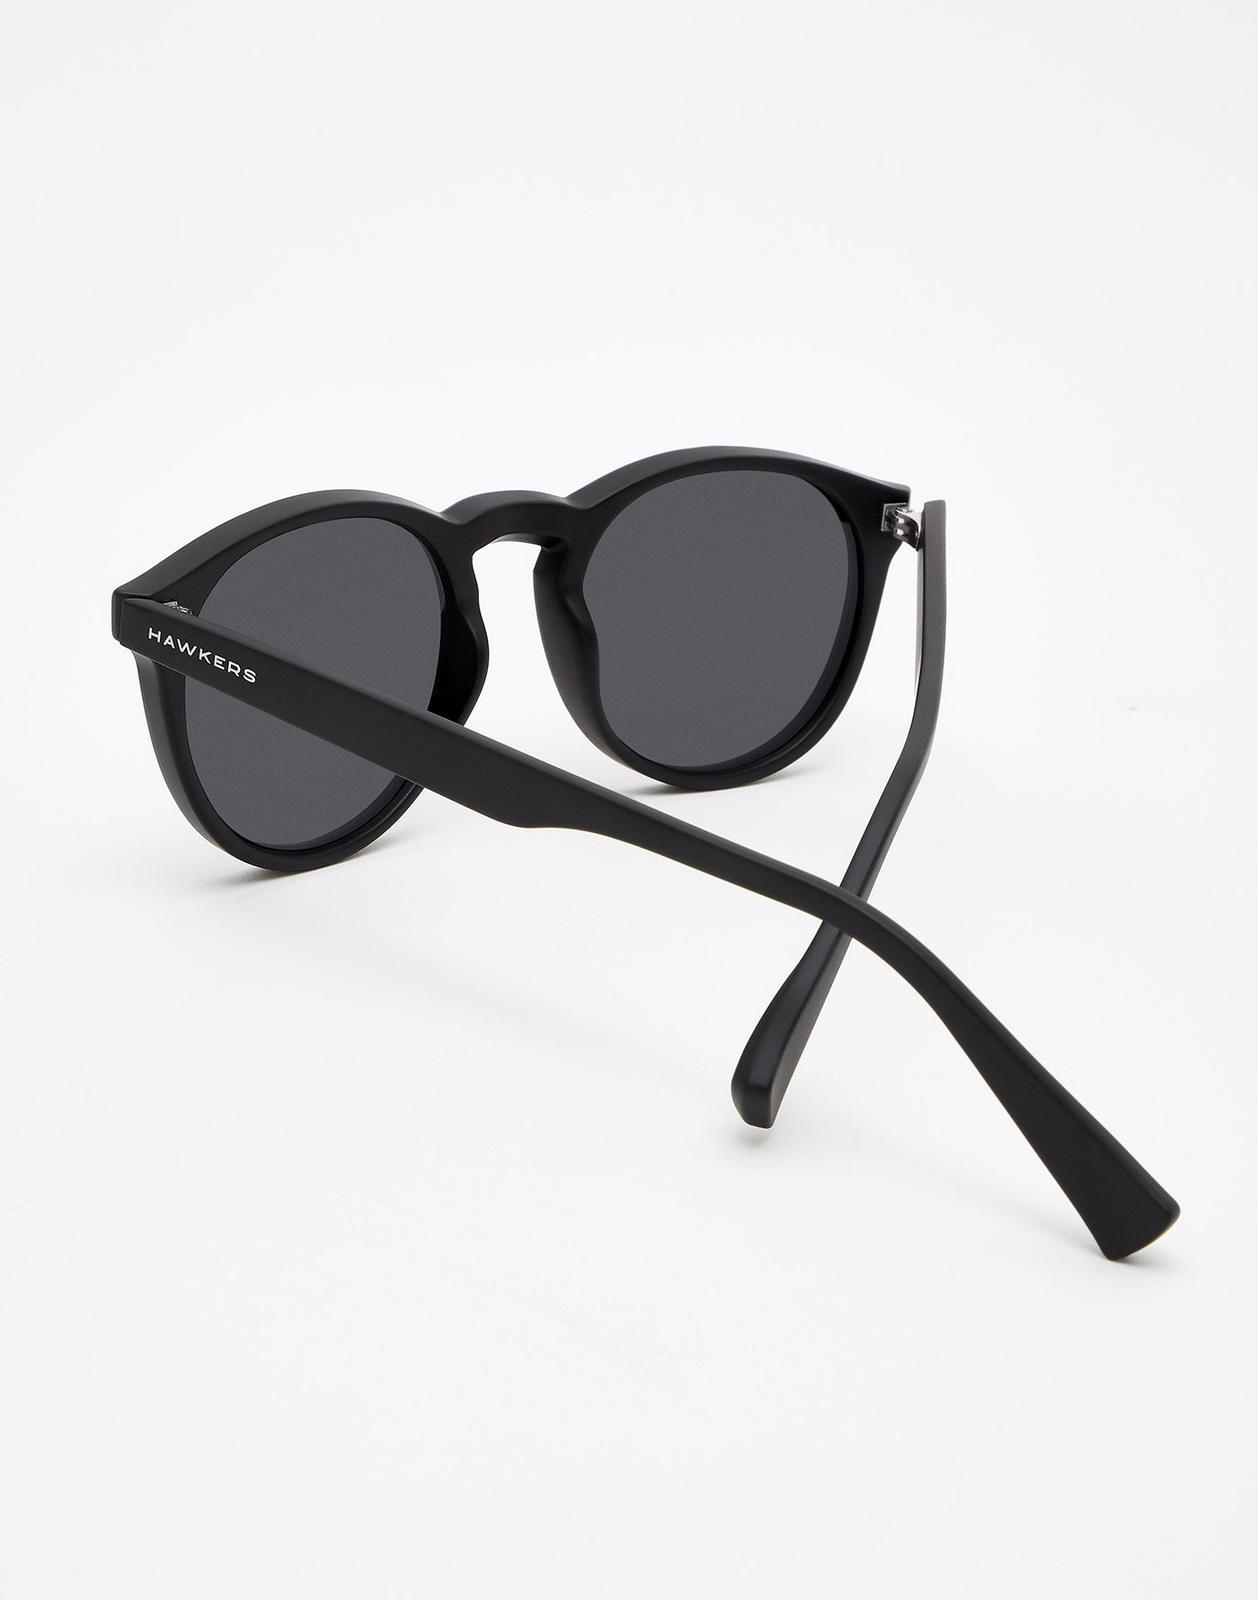 d1fe29091 Hawkers slnecne okuliare unisex, - 22 € od predávajúcej kulasnicka ...